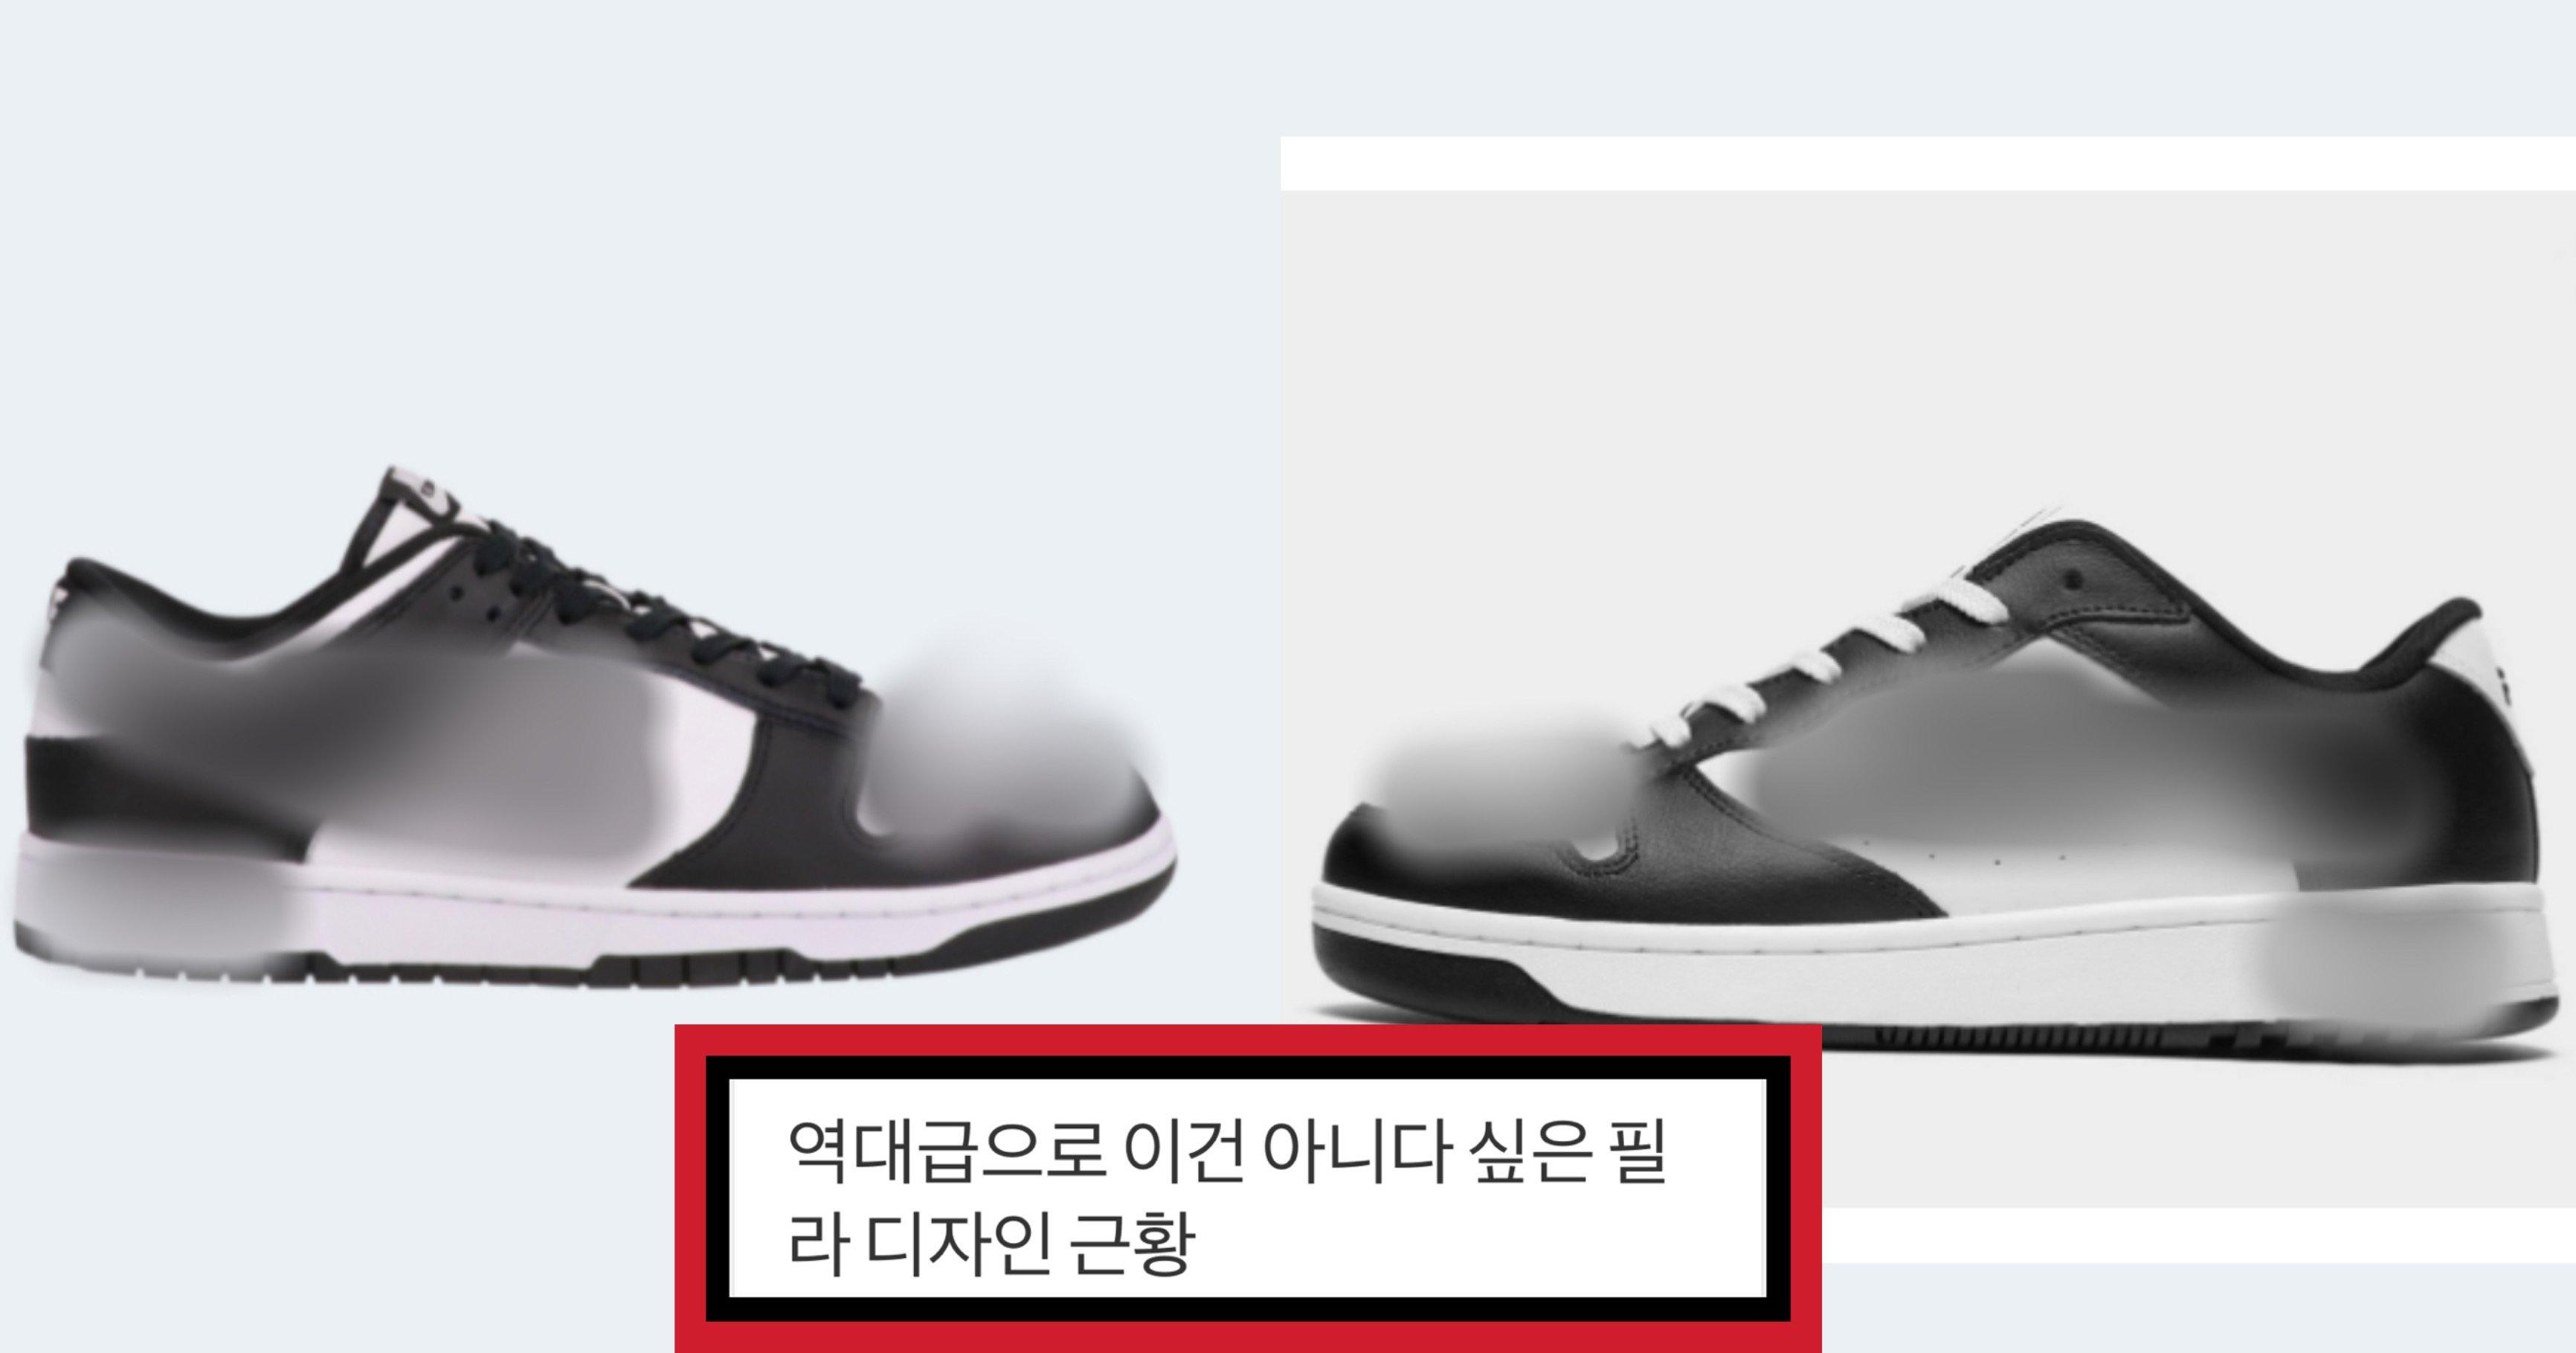 """06e5f93f 2237 496f 8473 571a1b8c18d0.jpeg?resize=1200,630 - """"와 이건 걍 똑같잖아""""역대급으로 이건 아니라고 욕먹고 있는 필라 최근 신상 신발 디자인들(+사진)"""